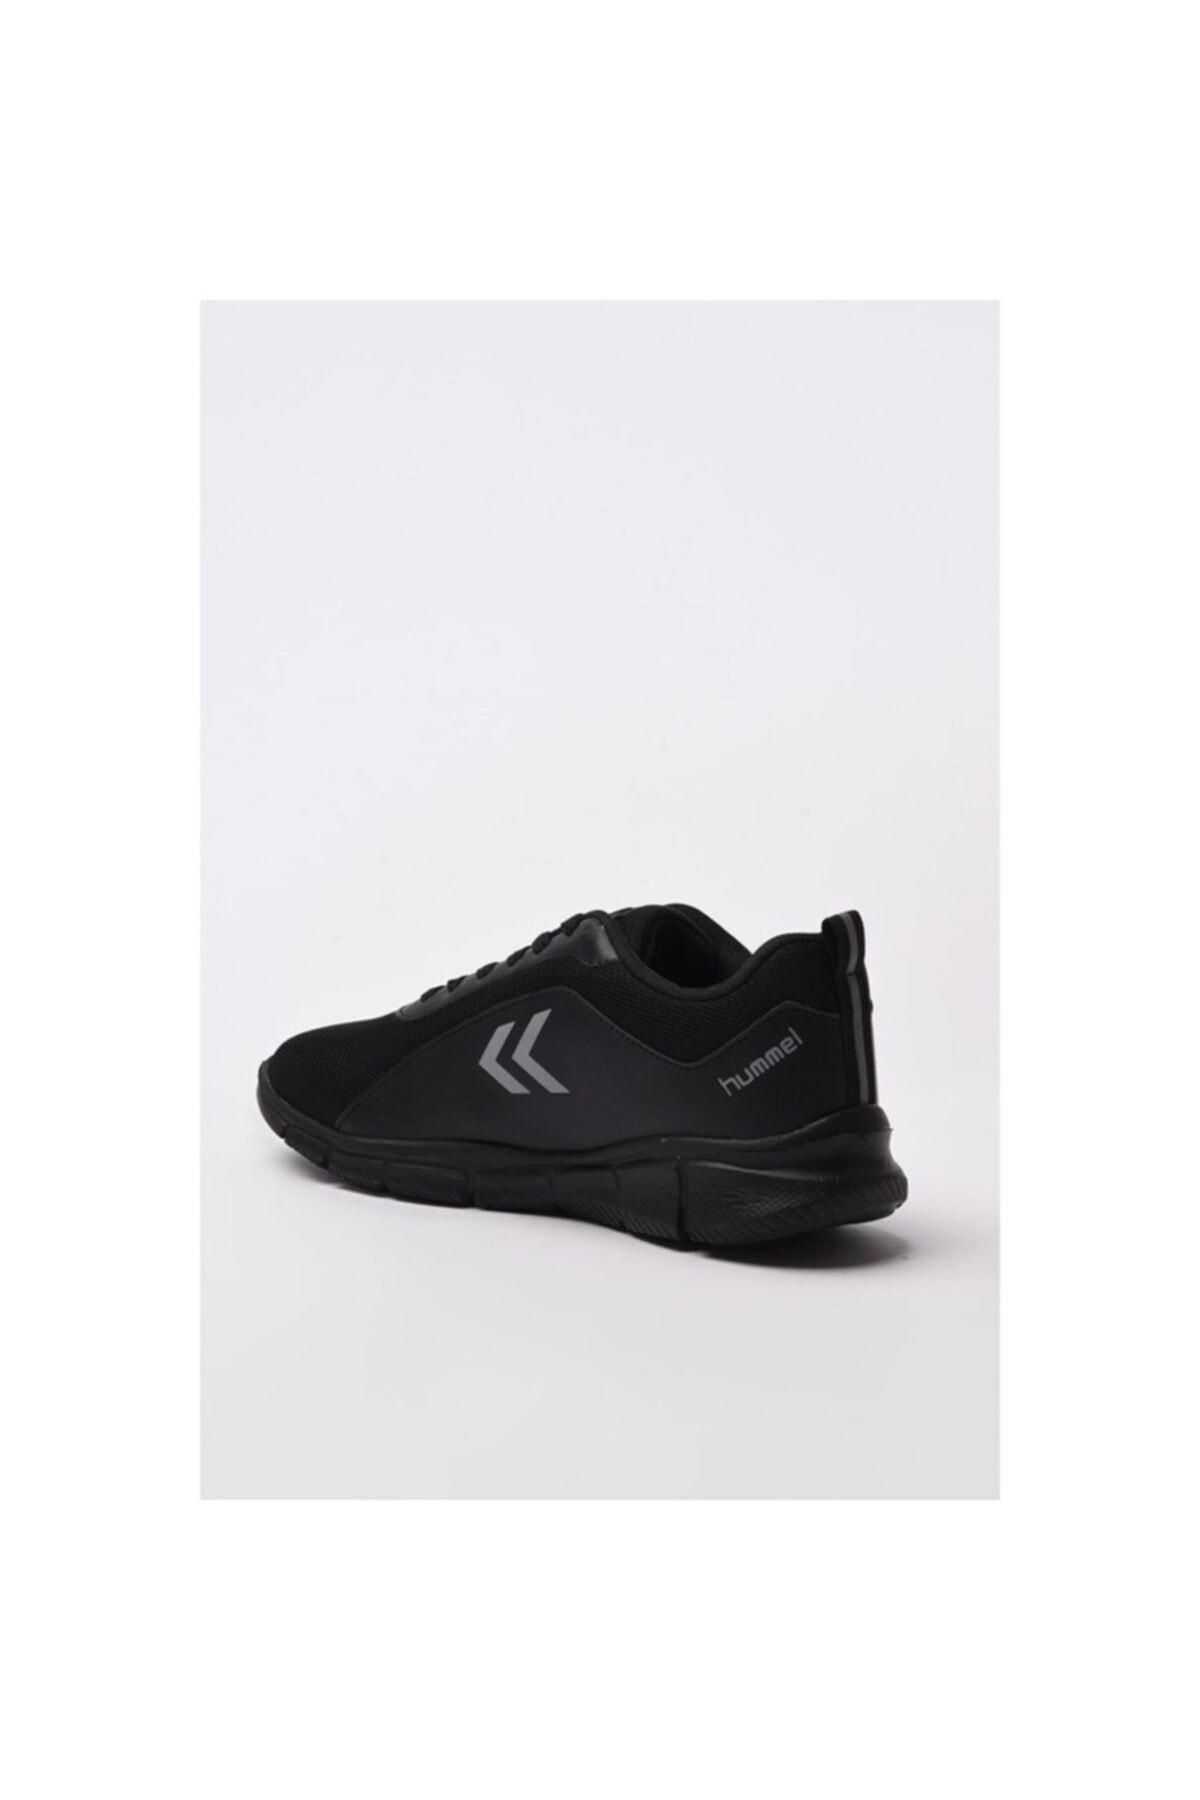 HUMMEL Ismır Smu Ayakkabı 2